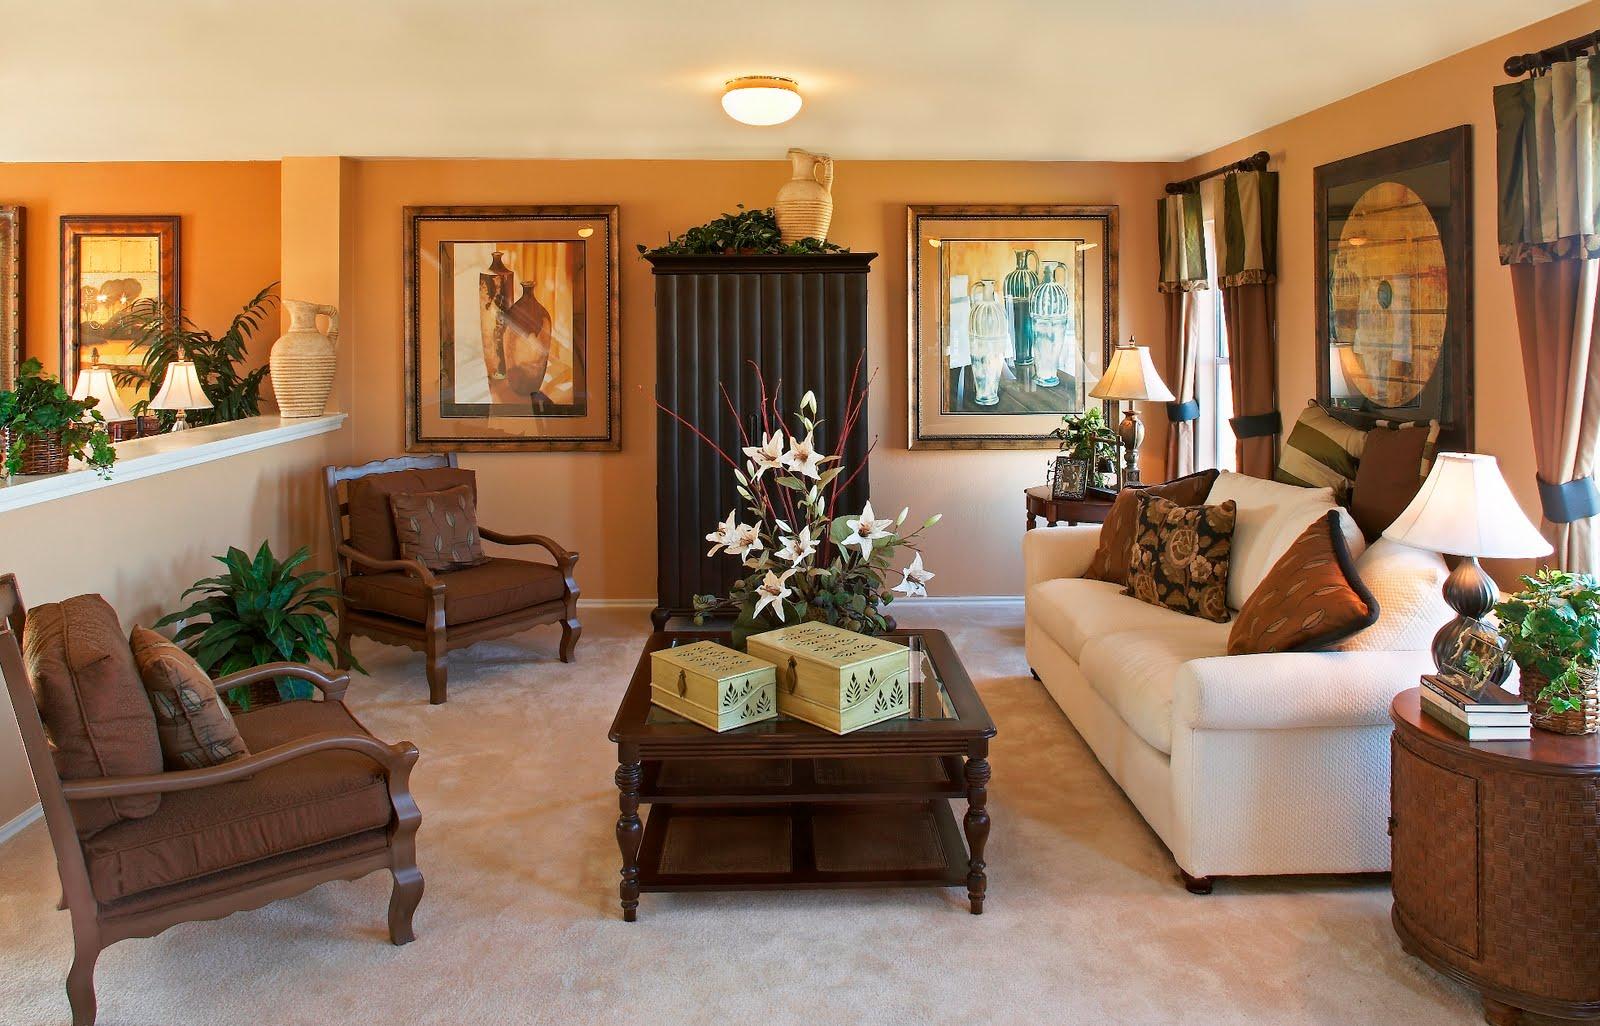 Home Decor In Living Room Novocom Top